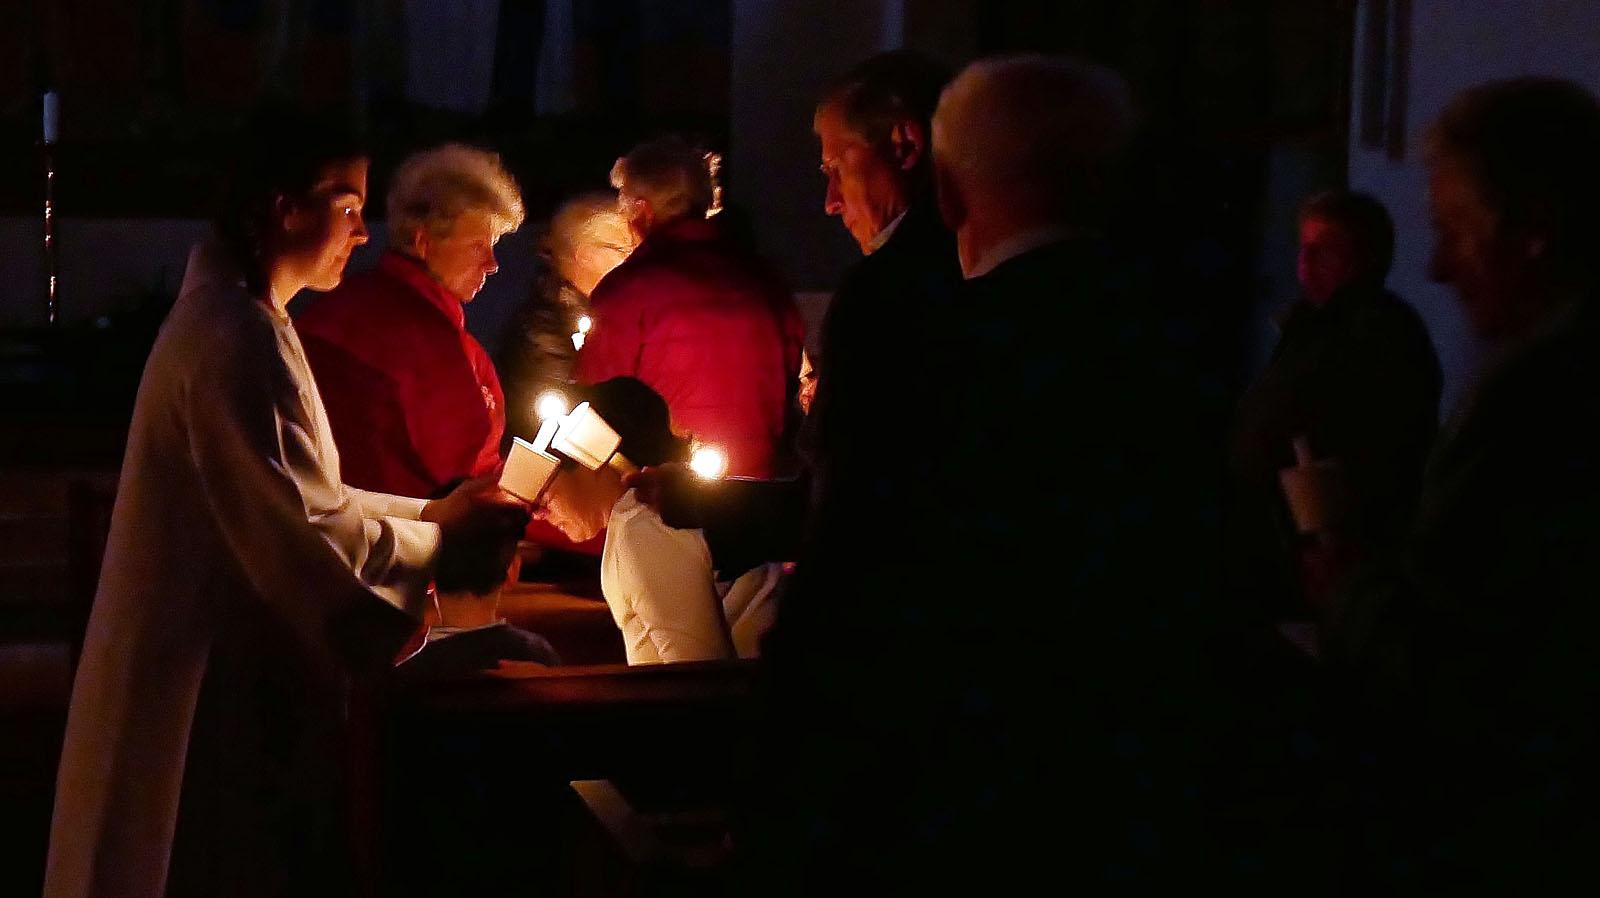 Ostersonntag, Auferstehungsfeier. Osterfeuer an Gemeinde weitergeben.